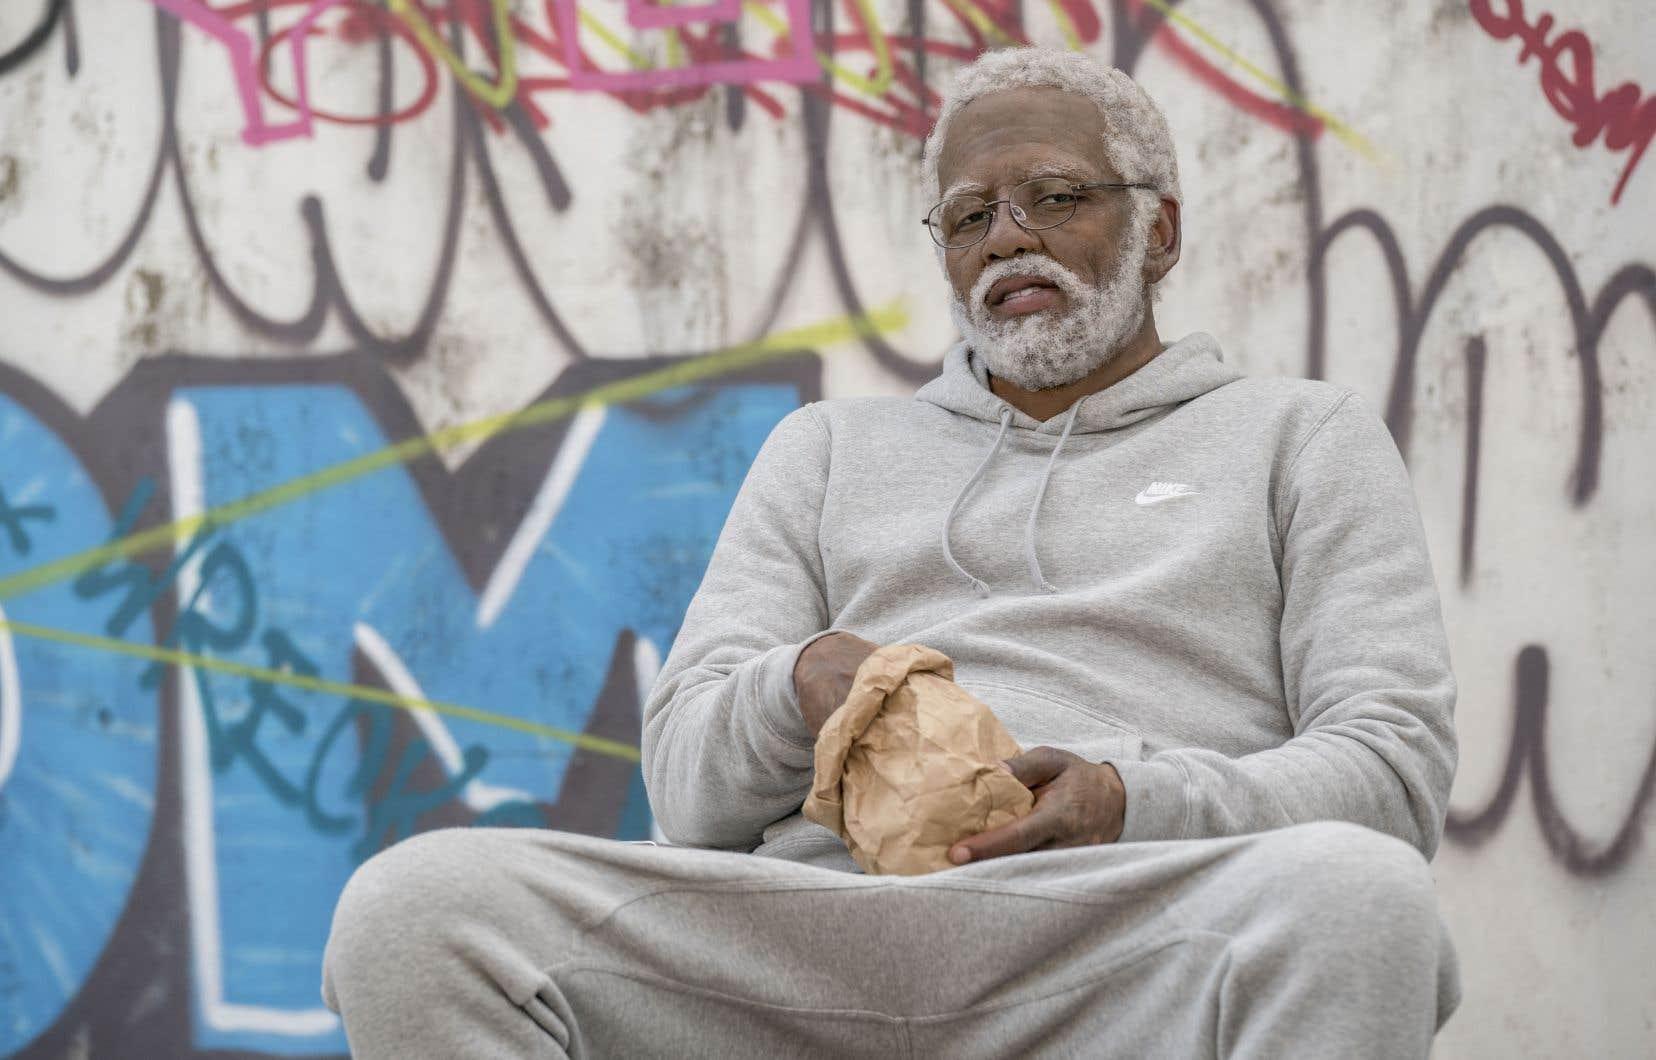 L'acteur Kyrie Irving incarne l'oncle Drew, une ancienne gloire du basket-ball que tous croient bon pour la chaise berçante.